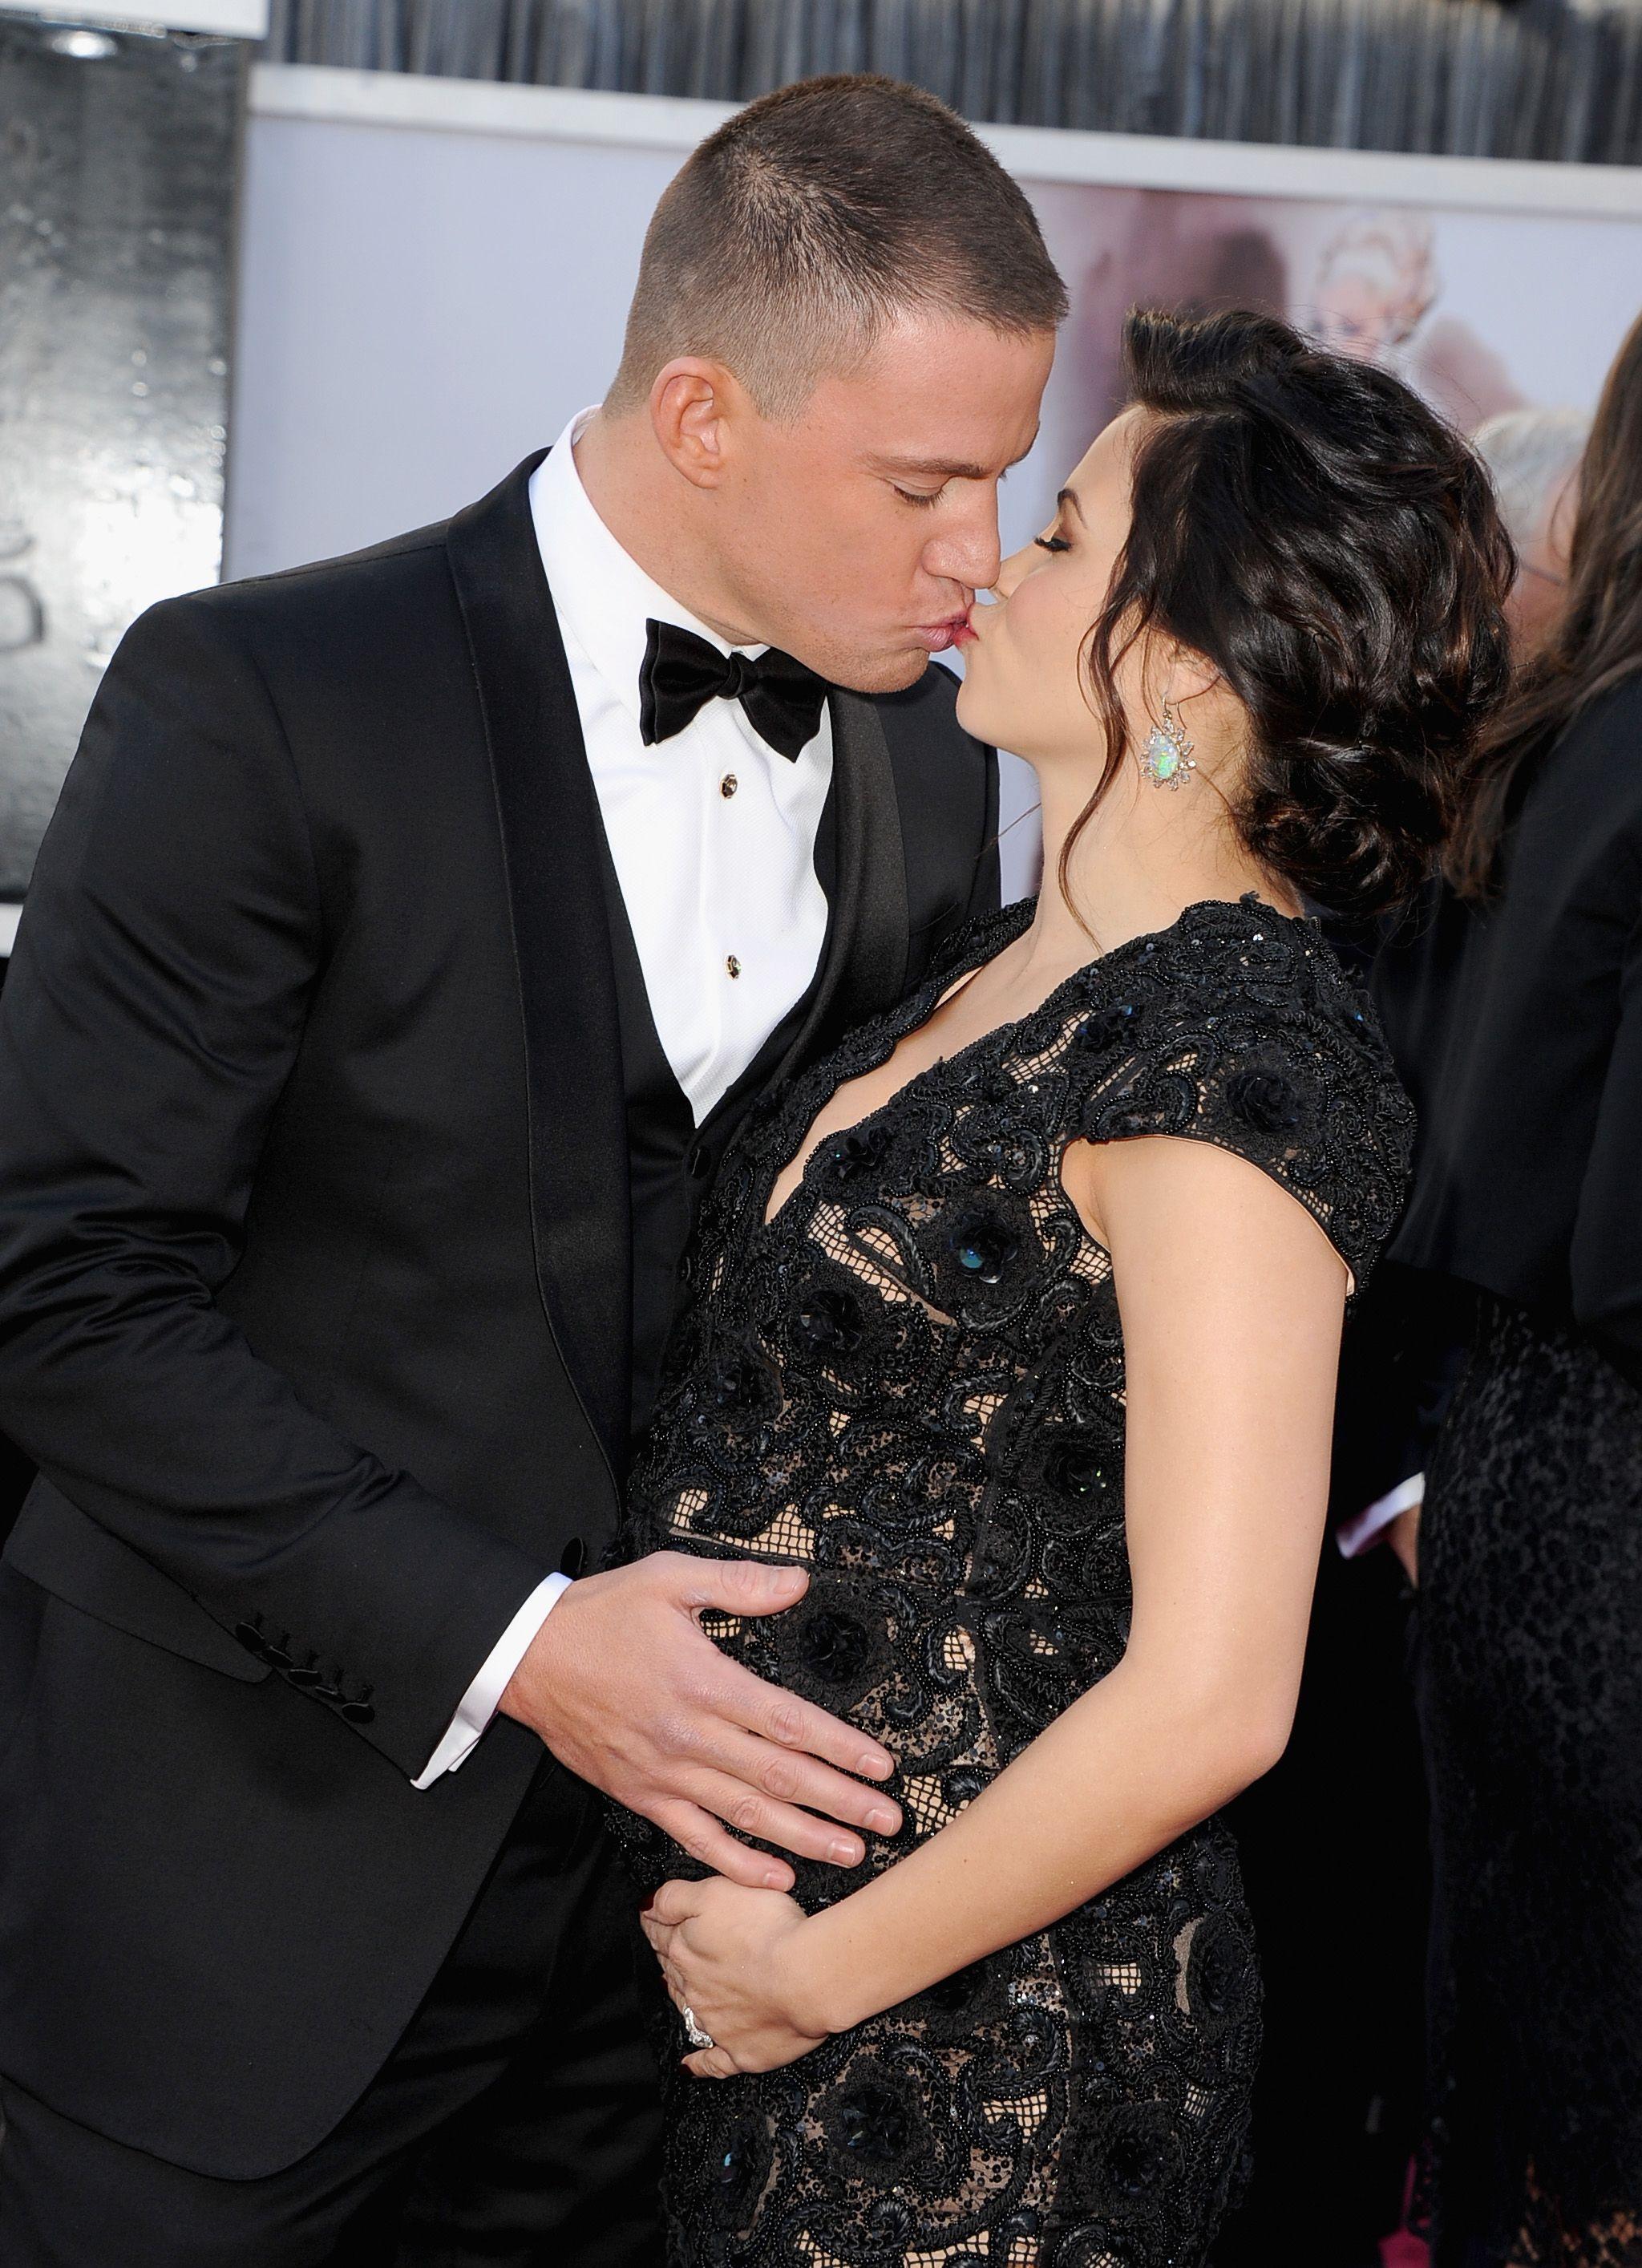 Channing Tatum and Jenna Dewan Tatum at the Oscars